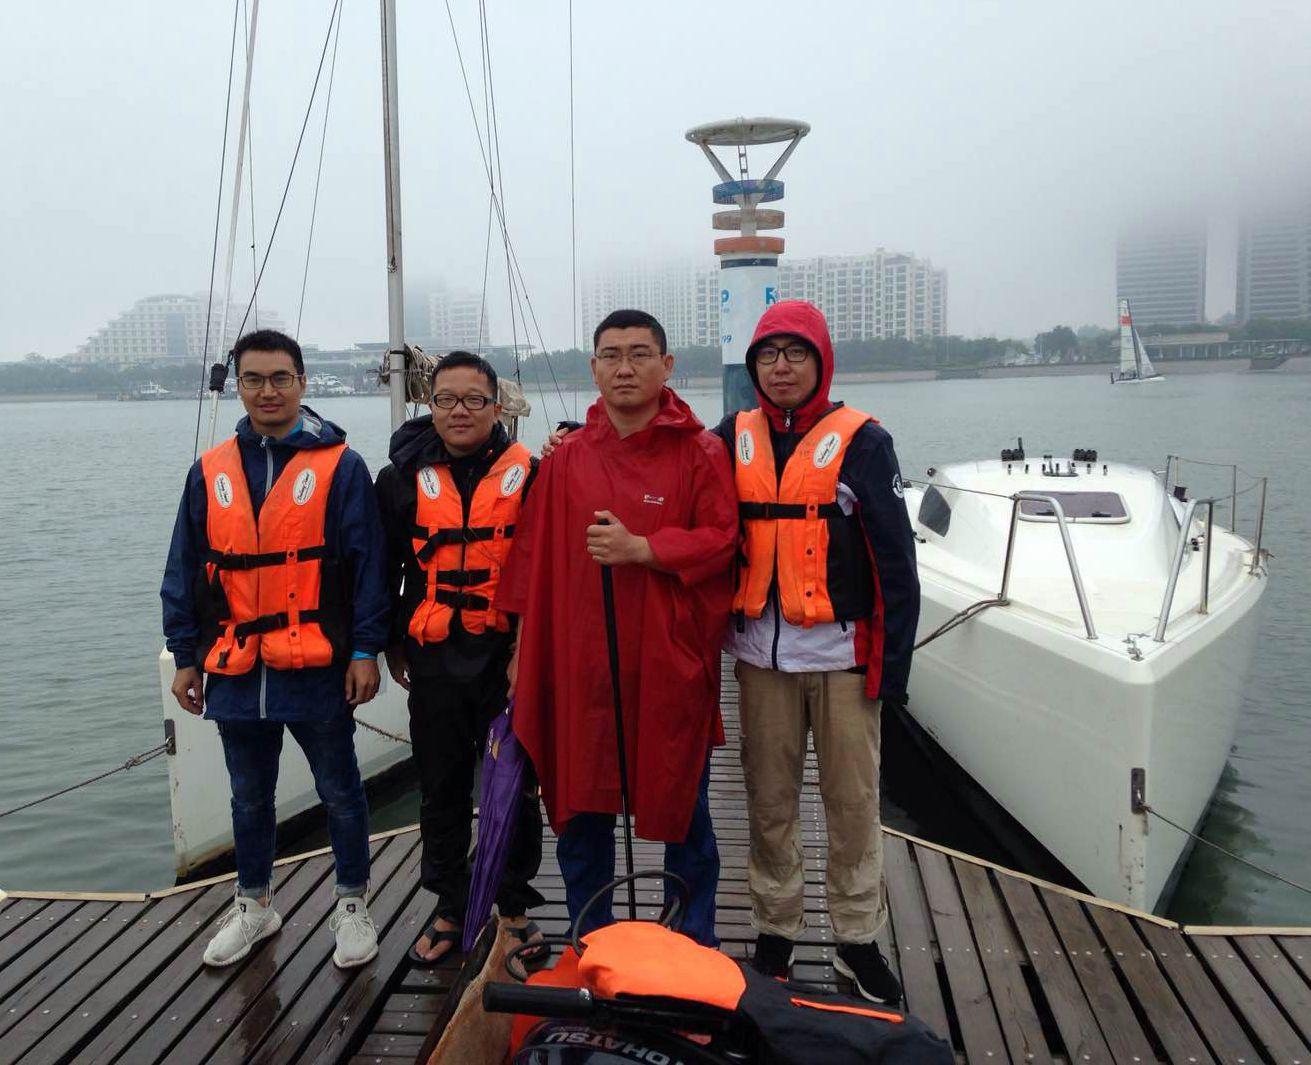 2019年我要去航海-全民帆船航海公益活动日照培训学员名单暨作业汇总 IMG_1837_副本.jpg